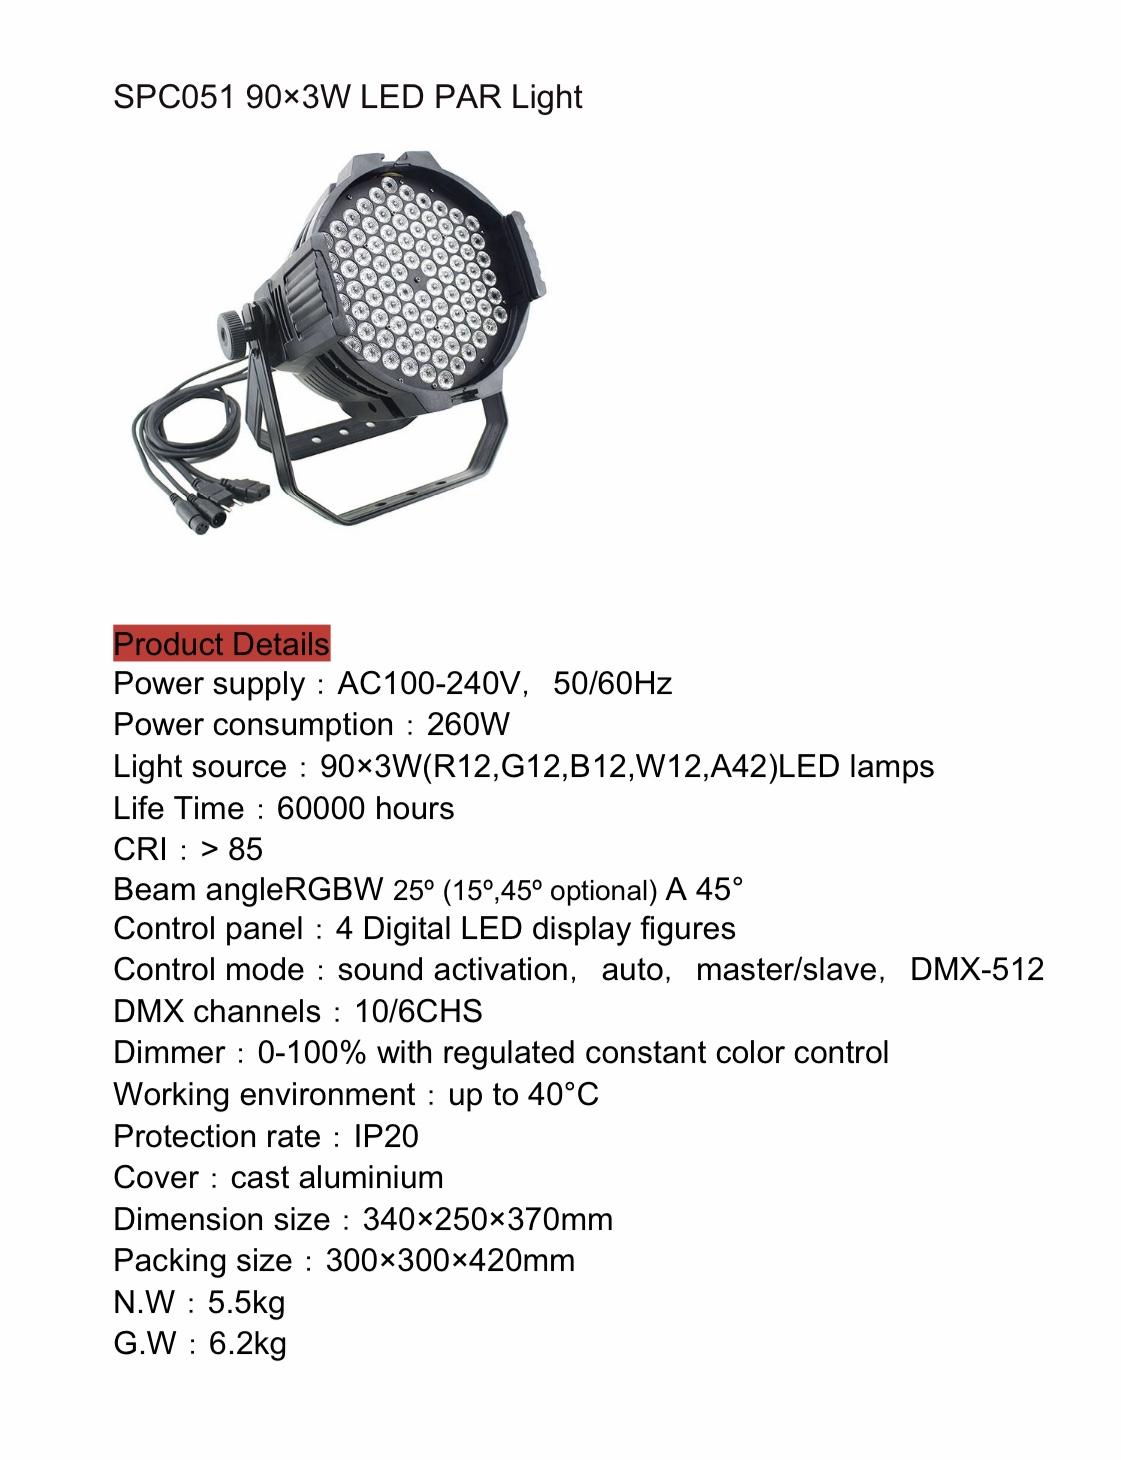 PAR LED SPC051 90x3w